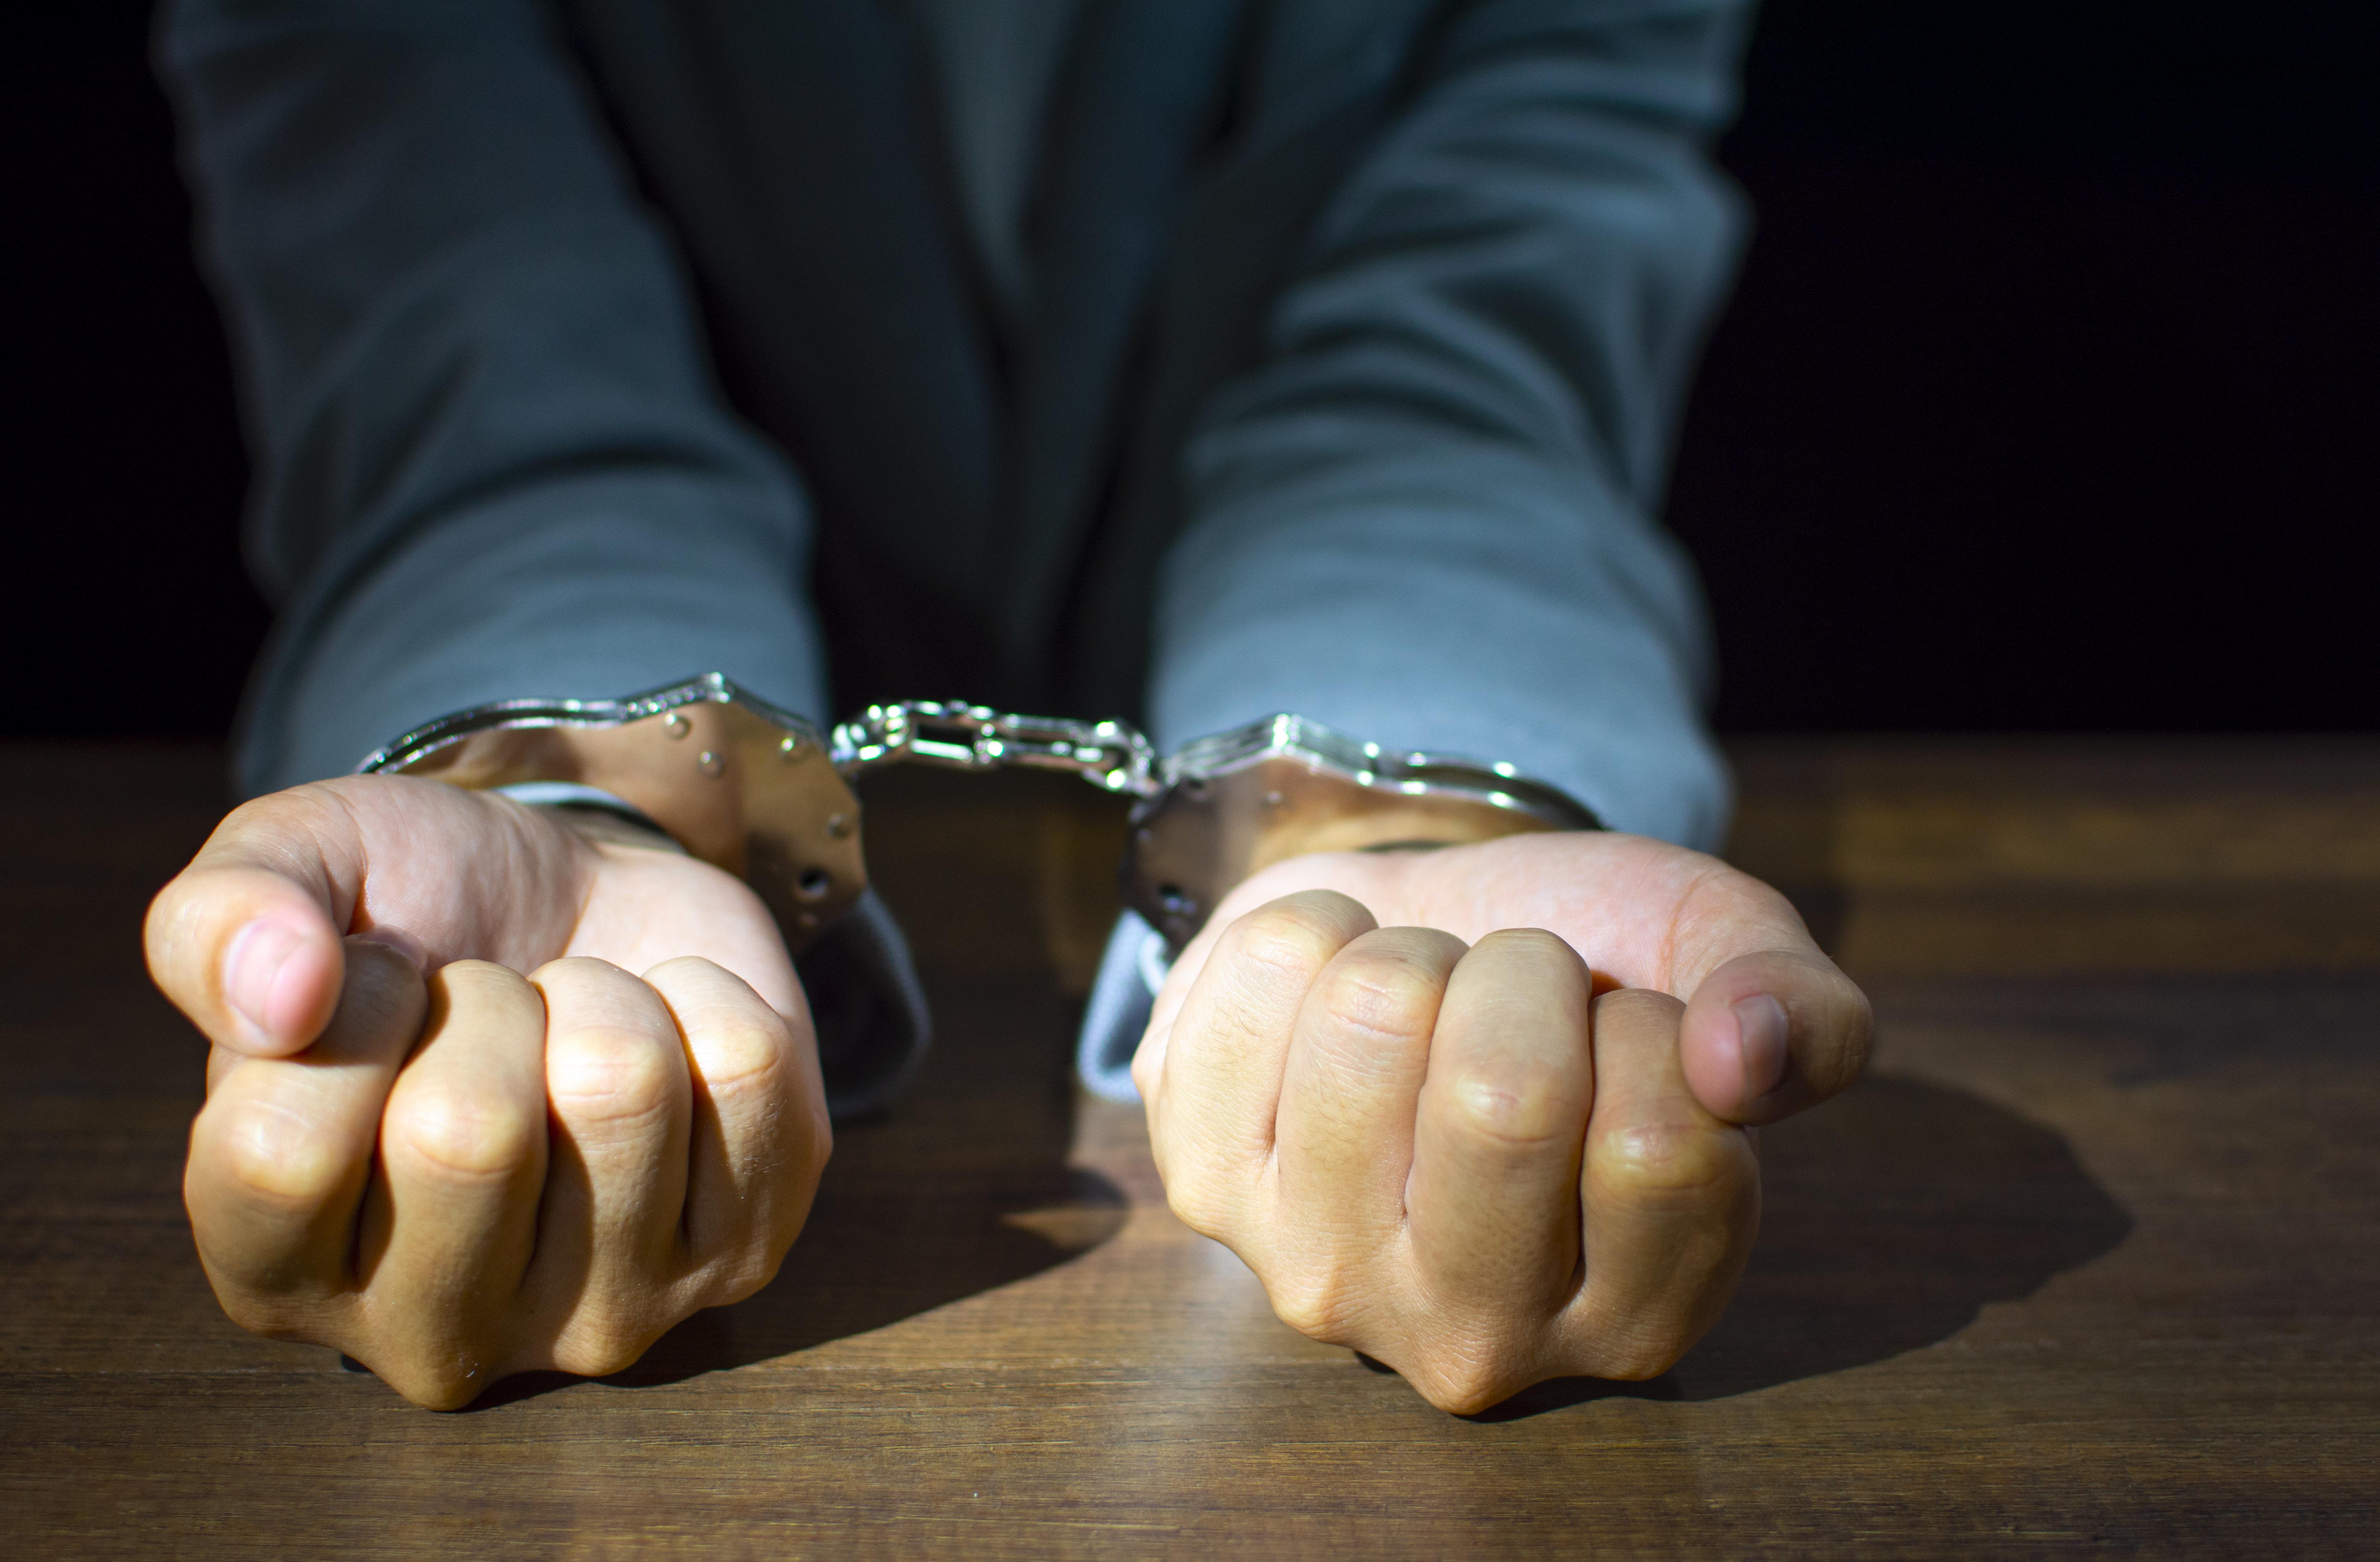 7년간 불법촬영 339번 저지른 30세 남성 공무원에게 '징역 2년' 선고된